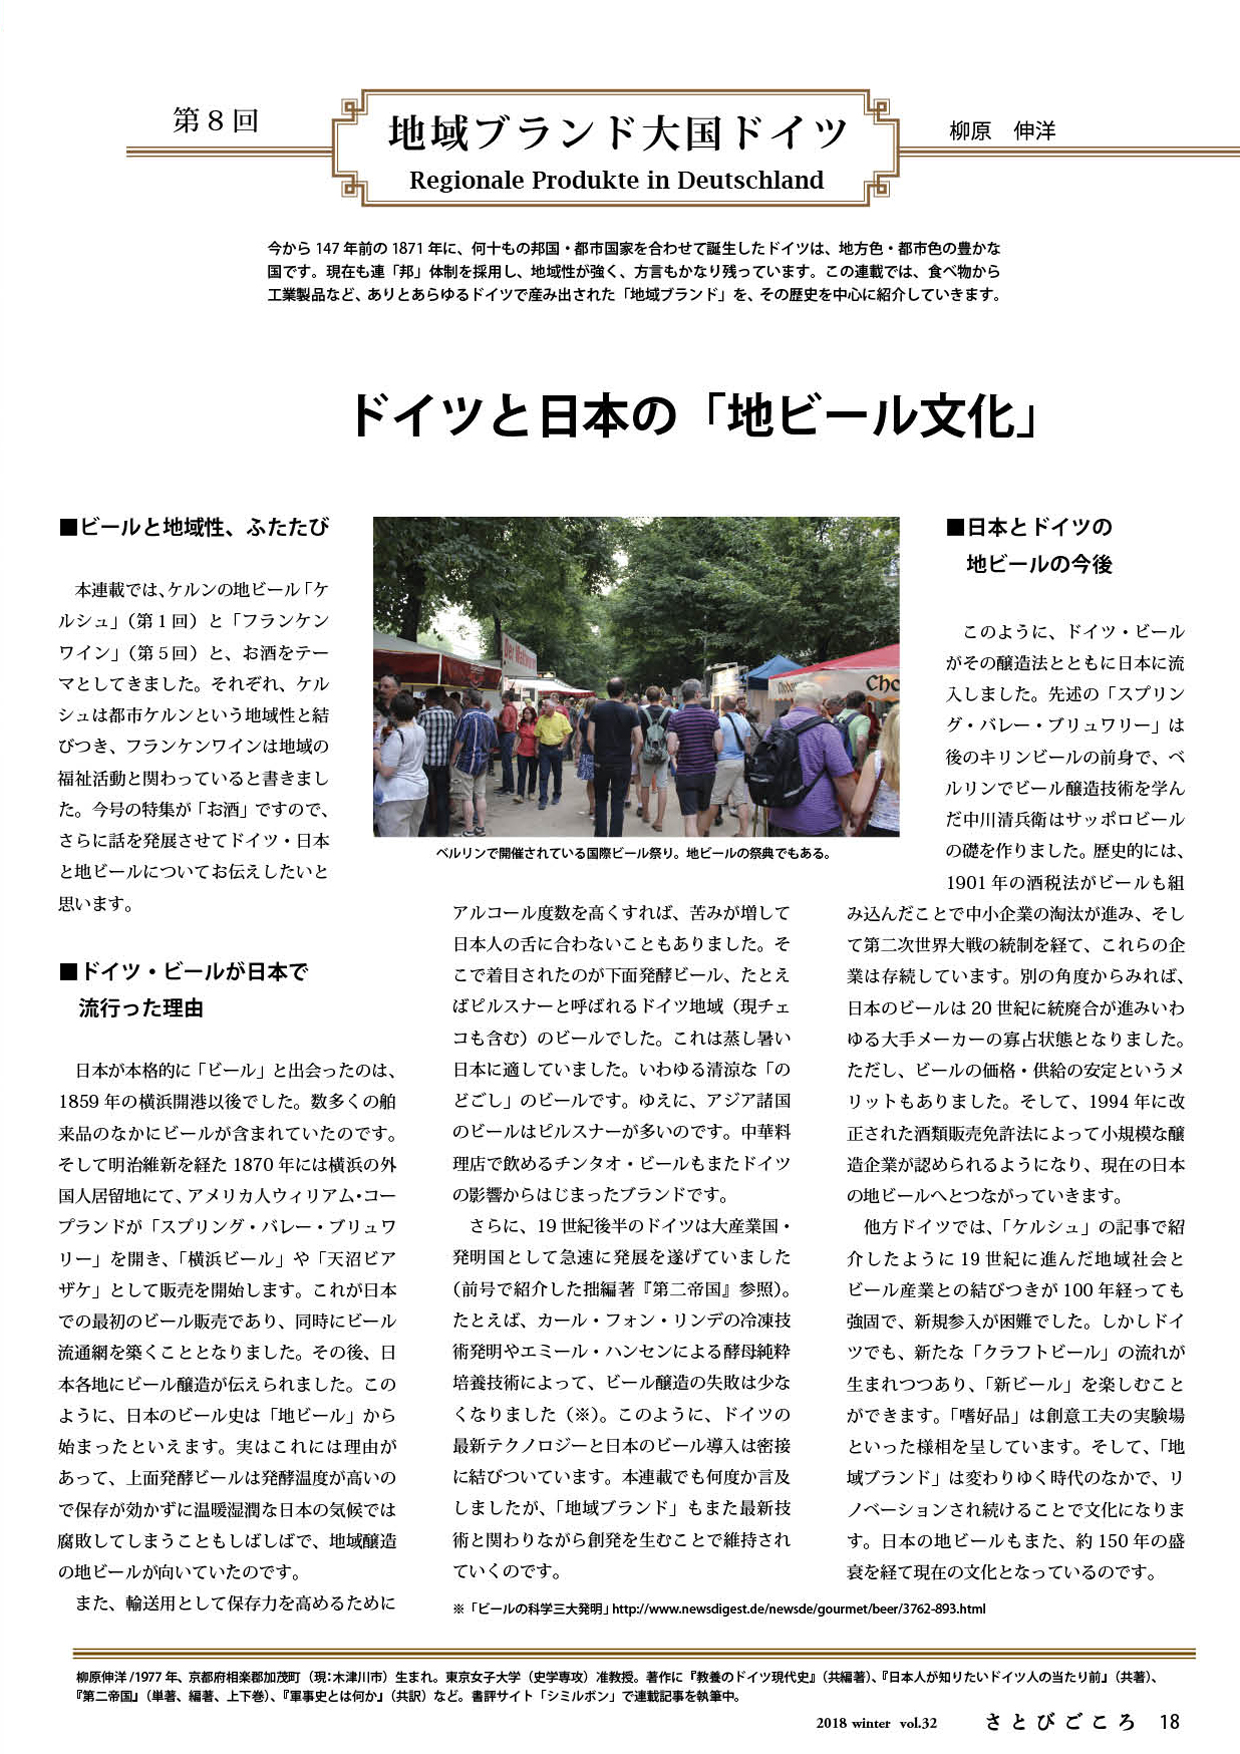 《地域ブランド大国ドイツ》さとびごころ vol.32(2018winter)第8回 ドイツと日本の「地ビール文化」